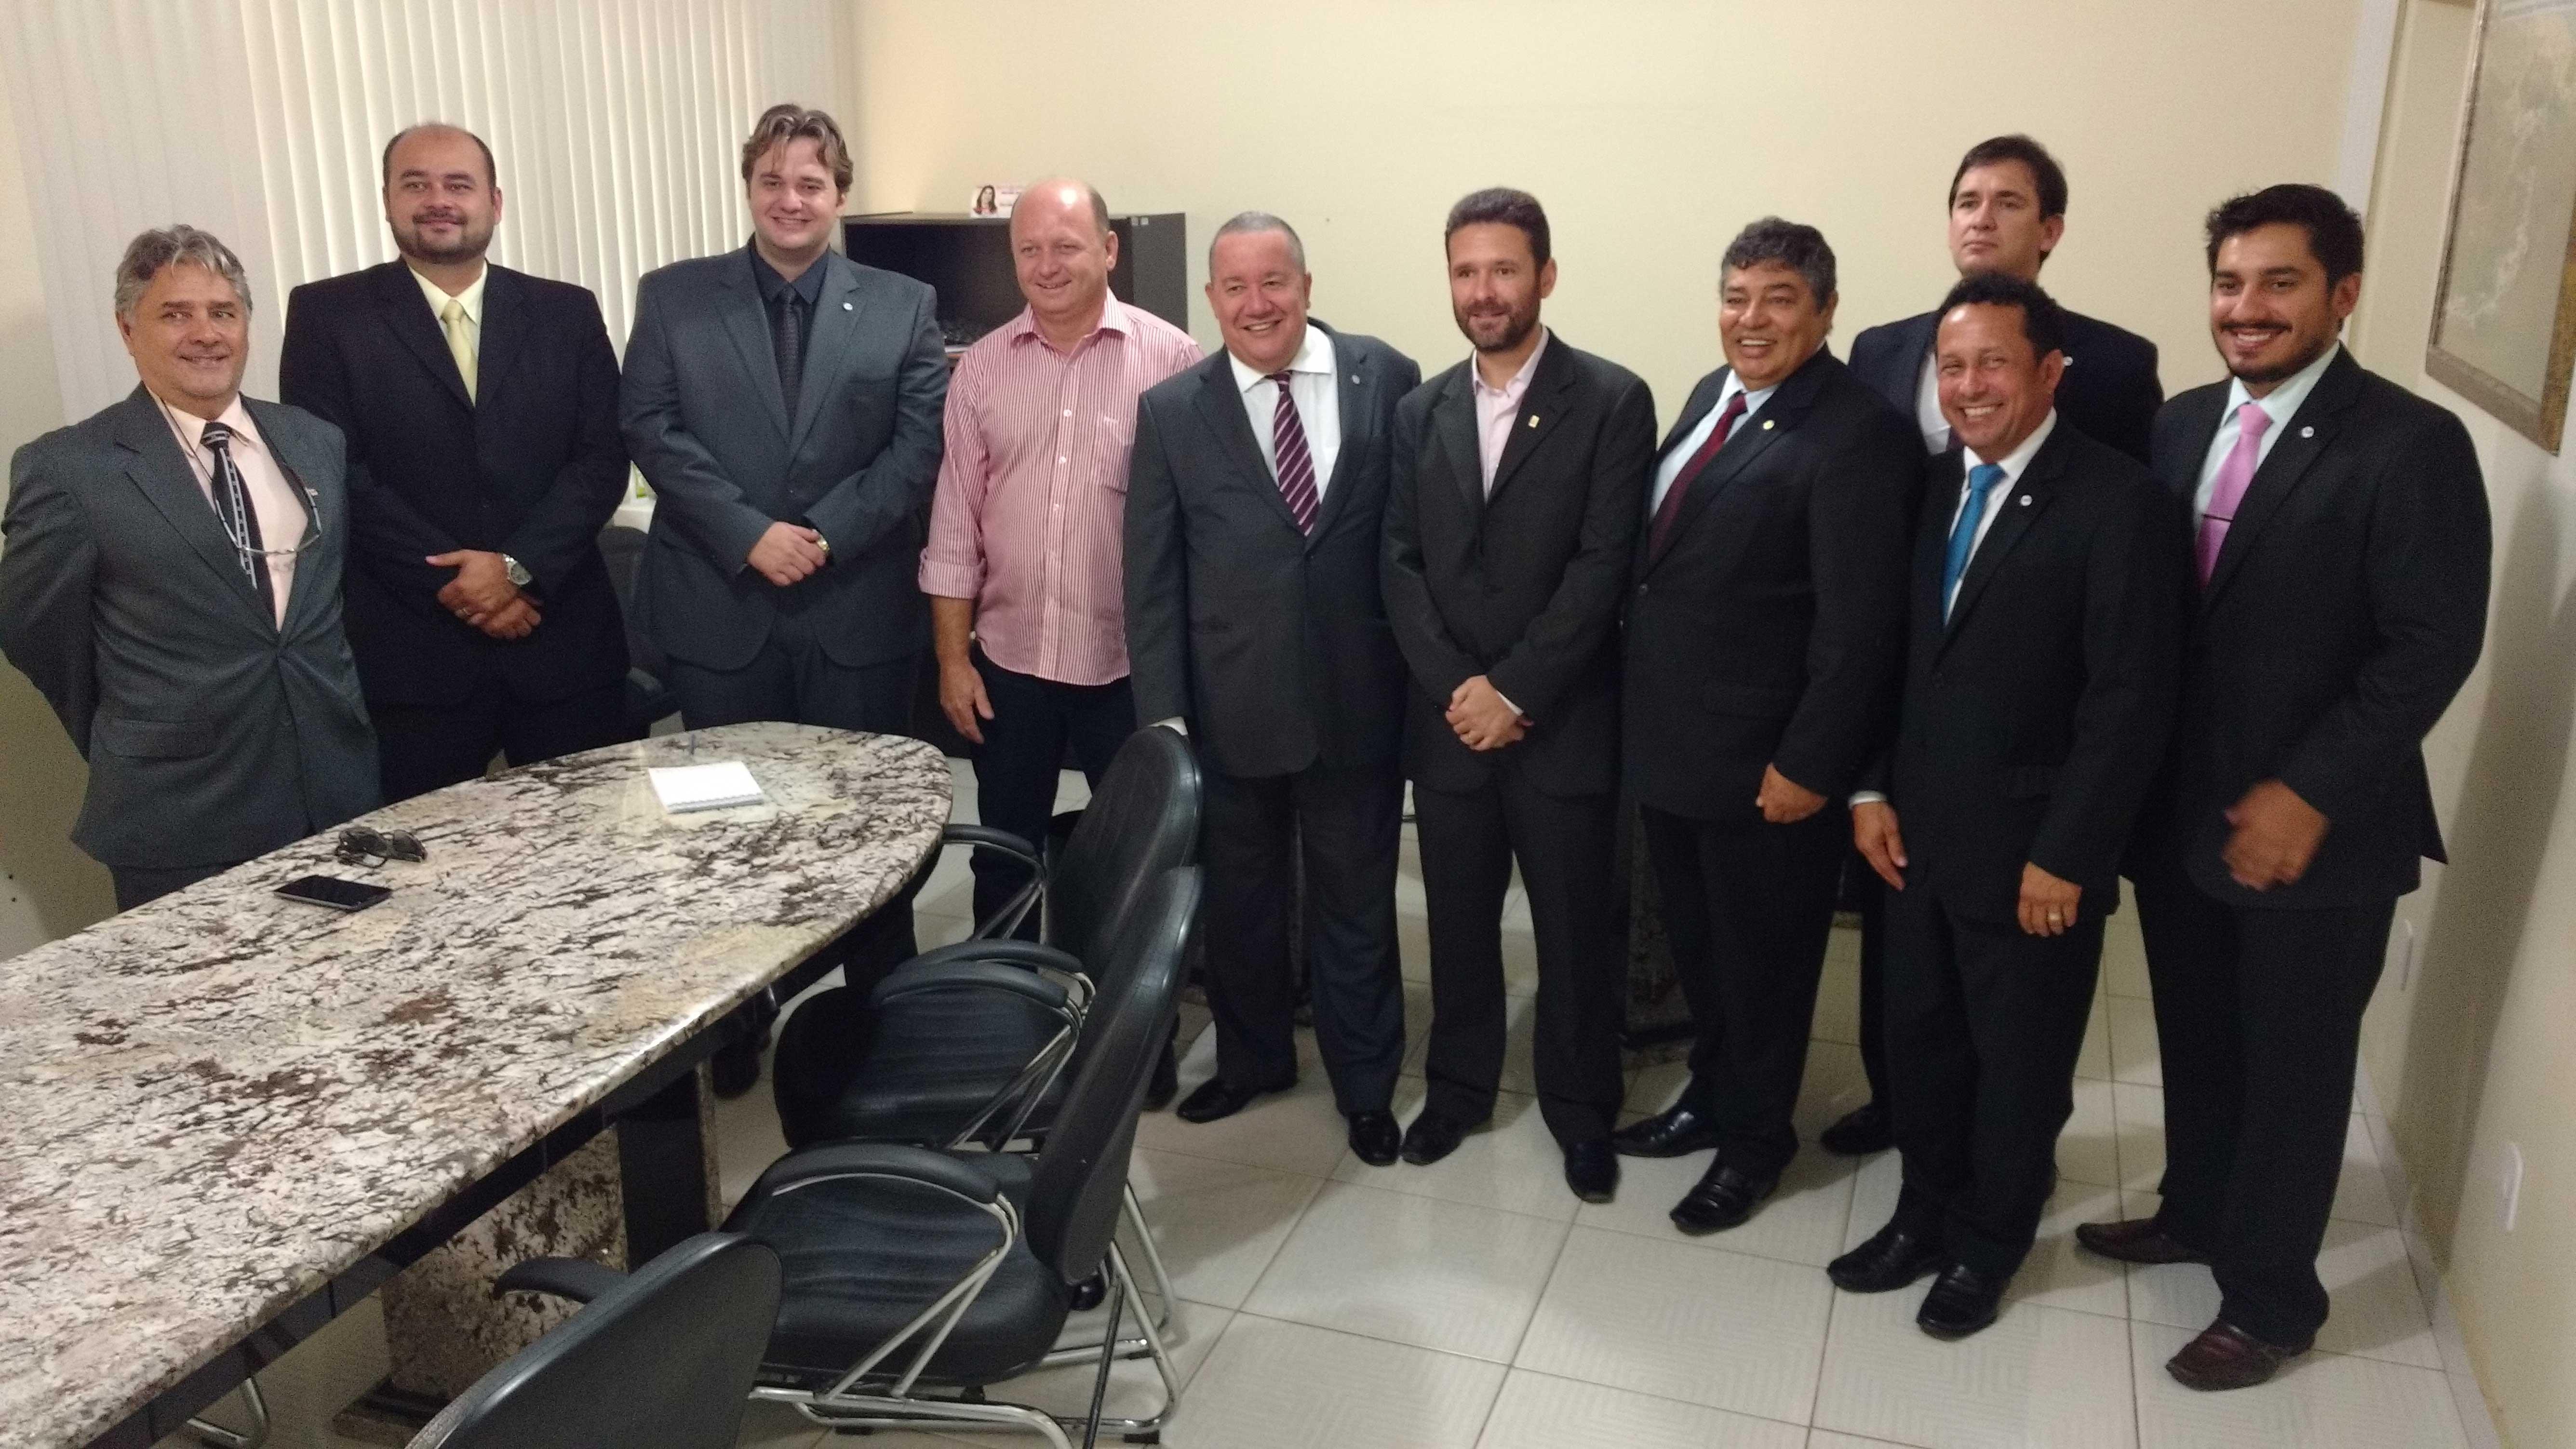 Reunião com prefeito e procurador de Mantenópolis. Foto: Divulgação.